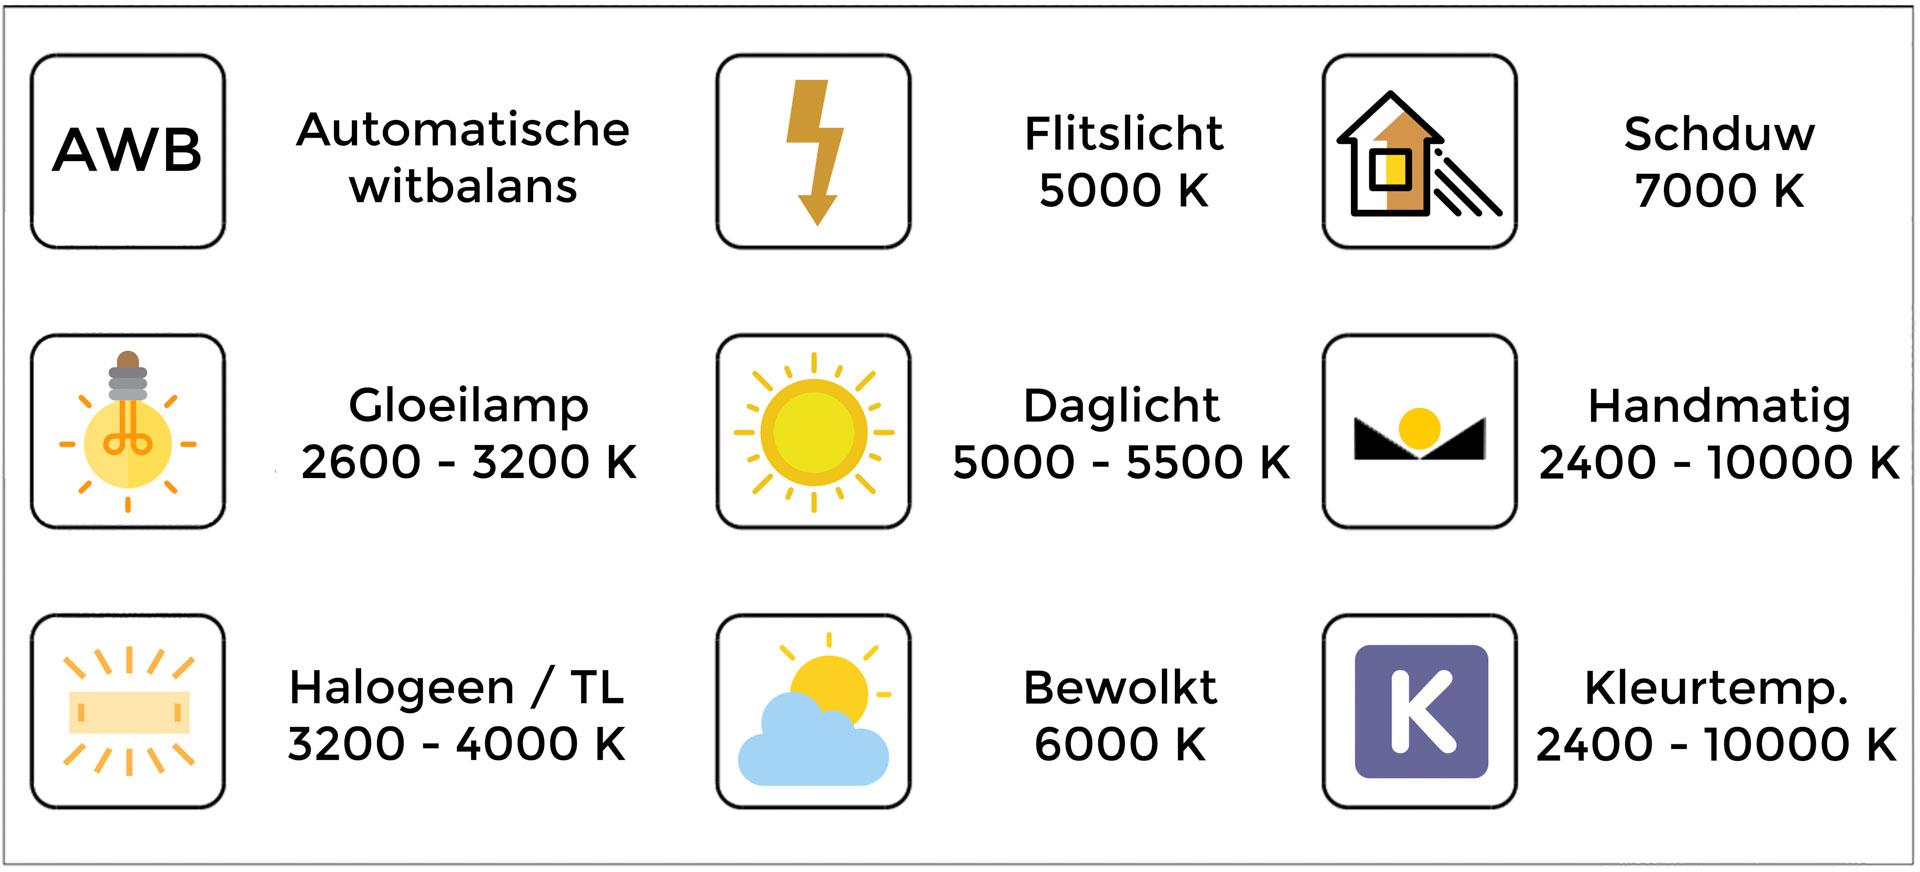 Witbalans voorkeuze schema